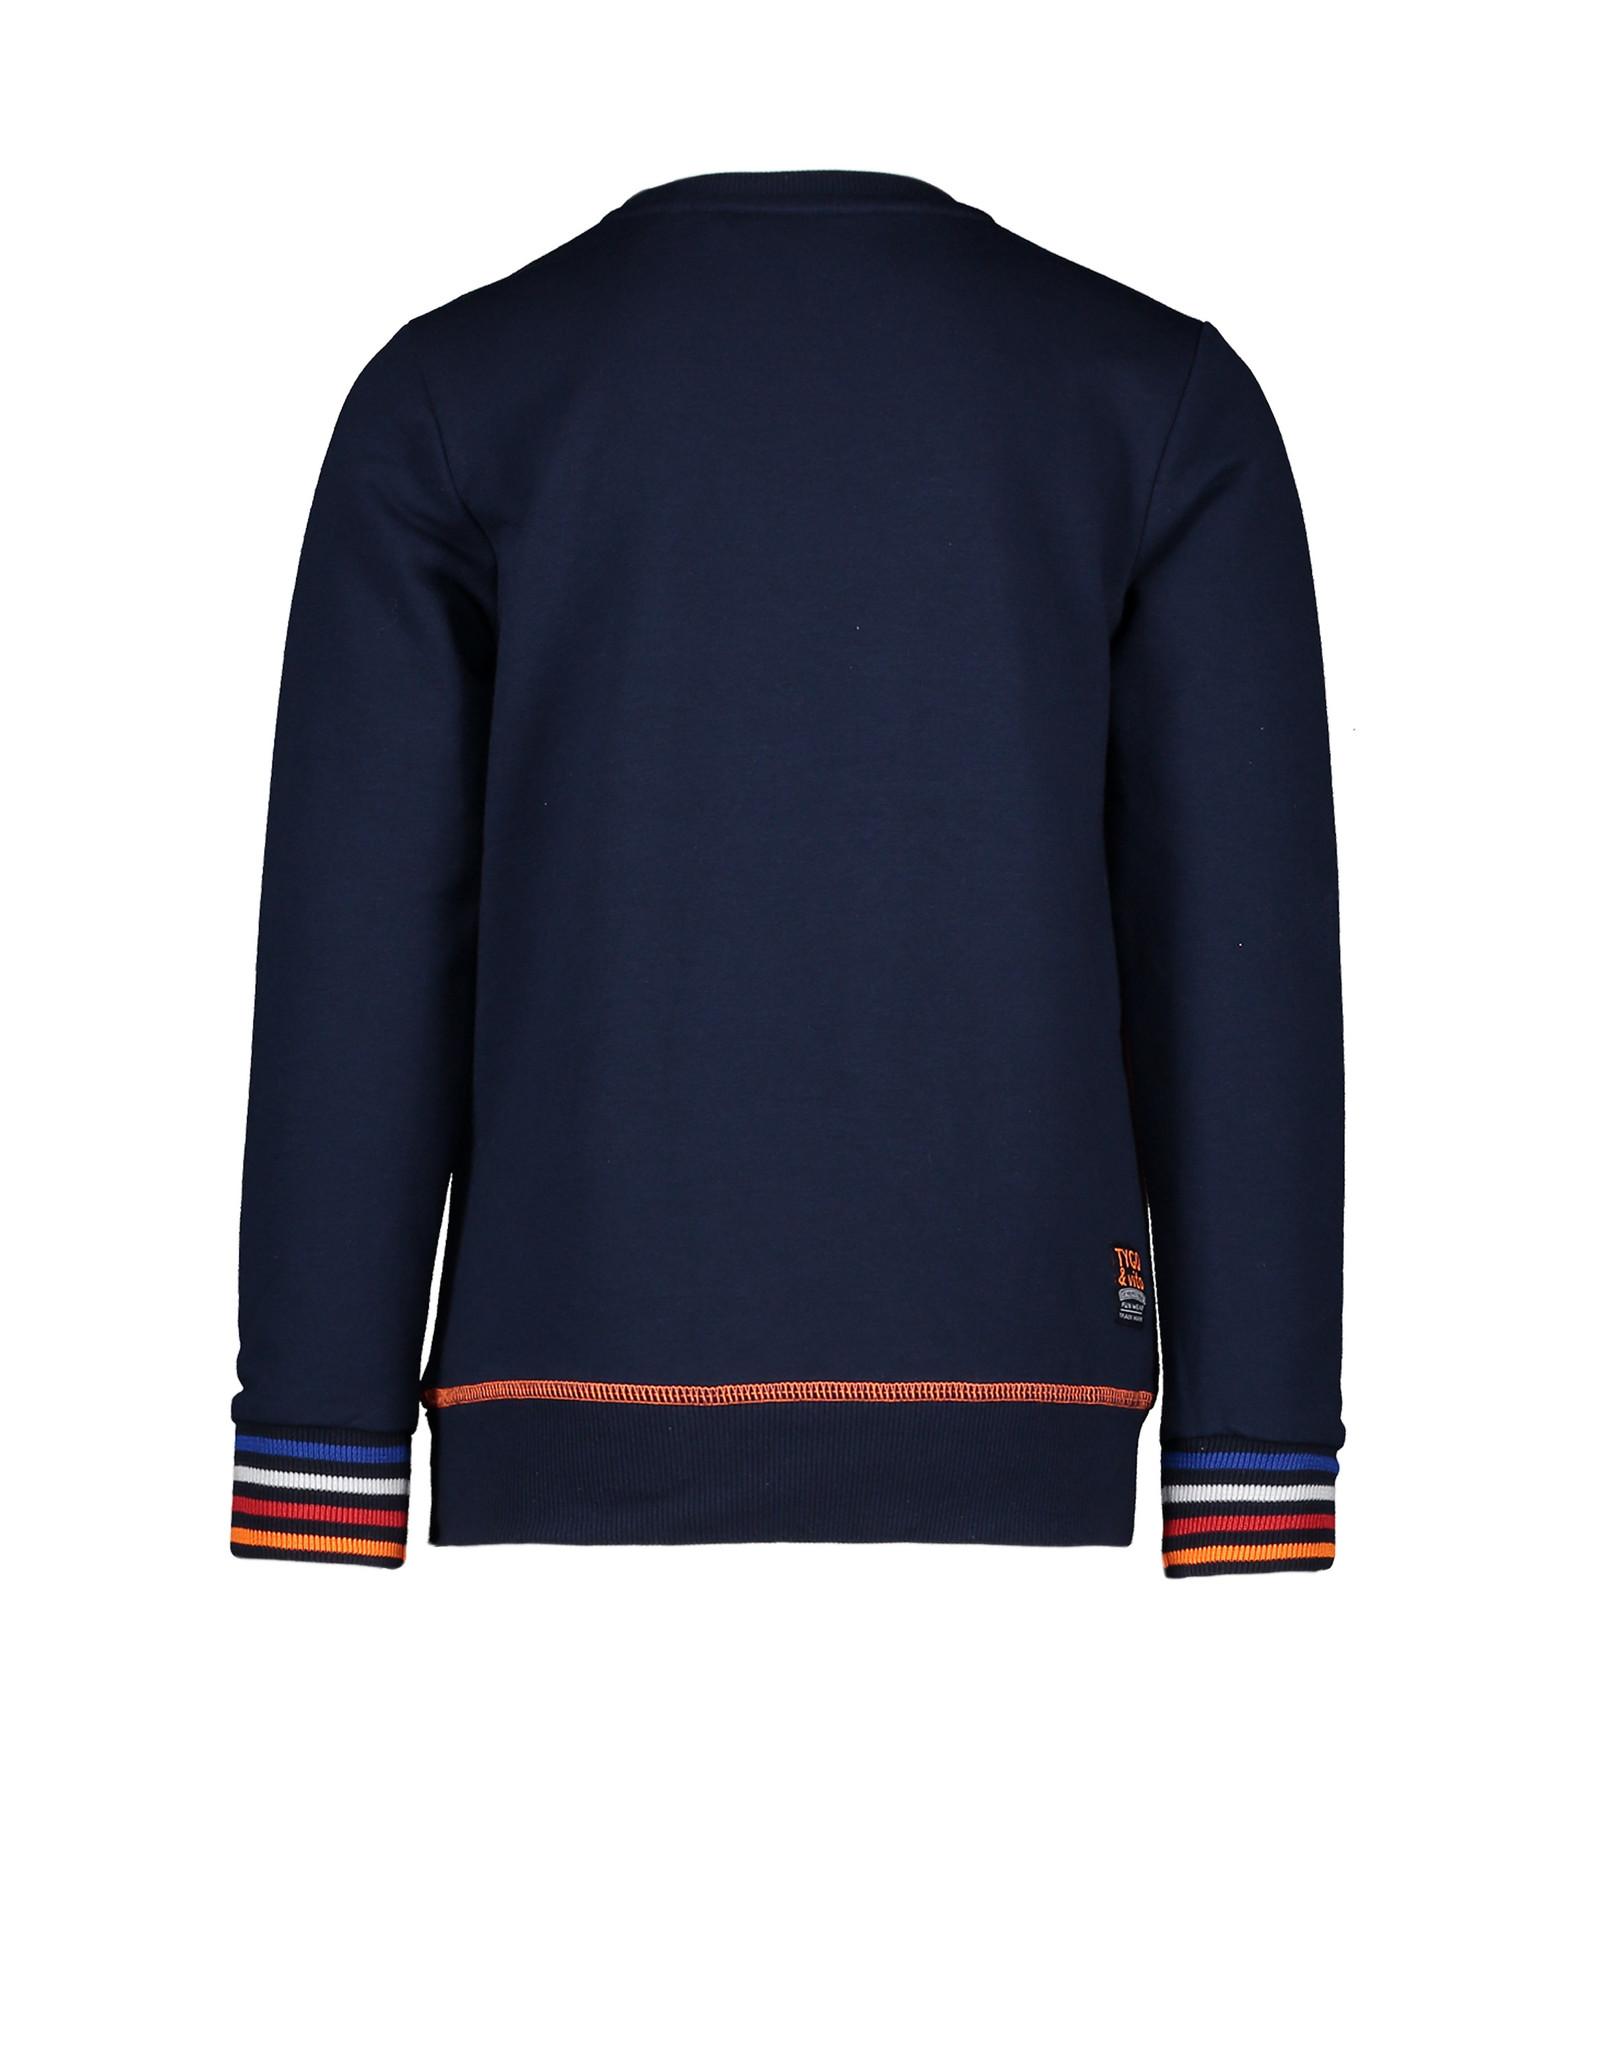 Tygo & Vito T&v sweater colourblock